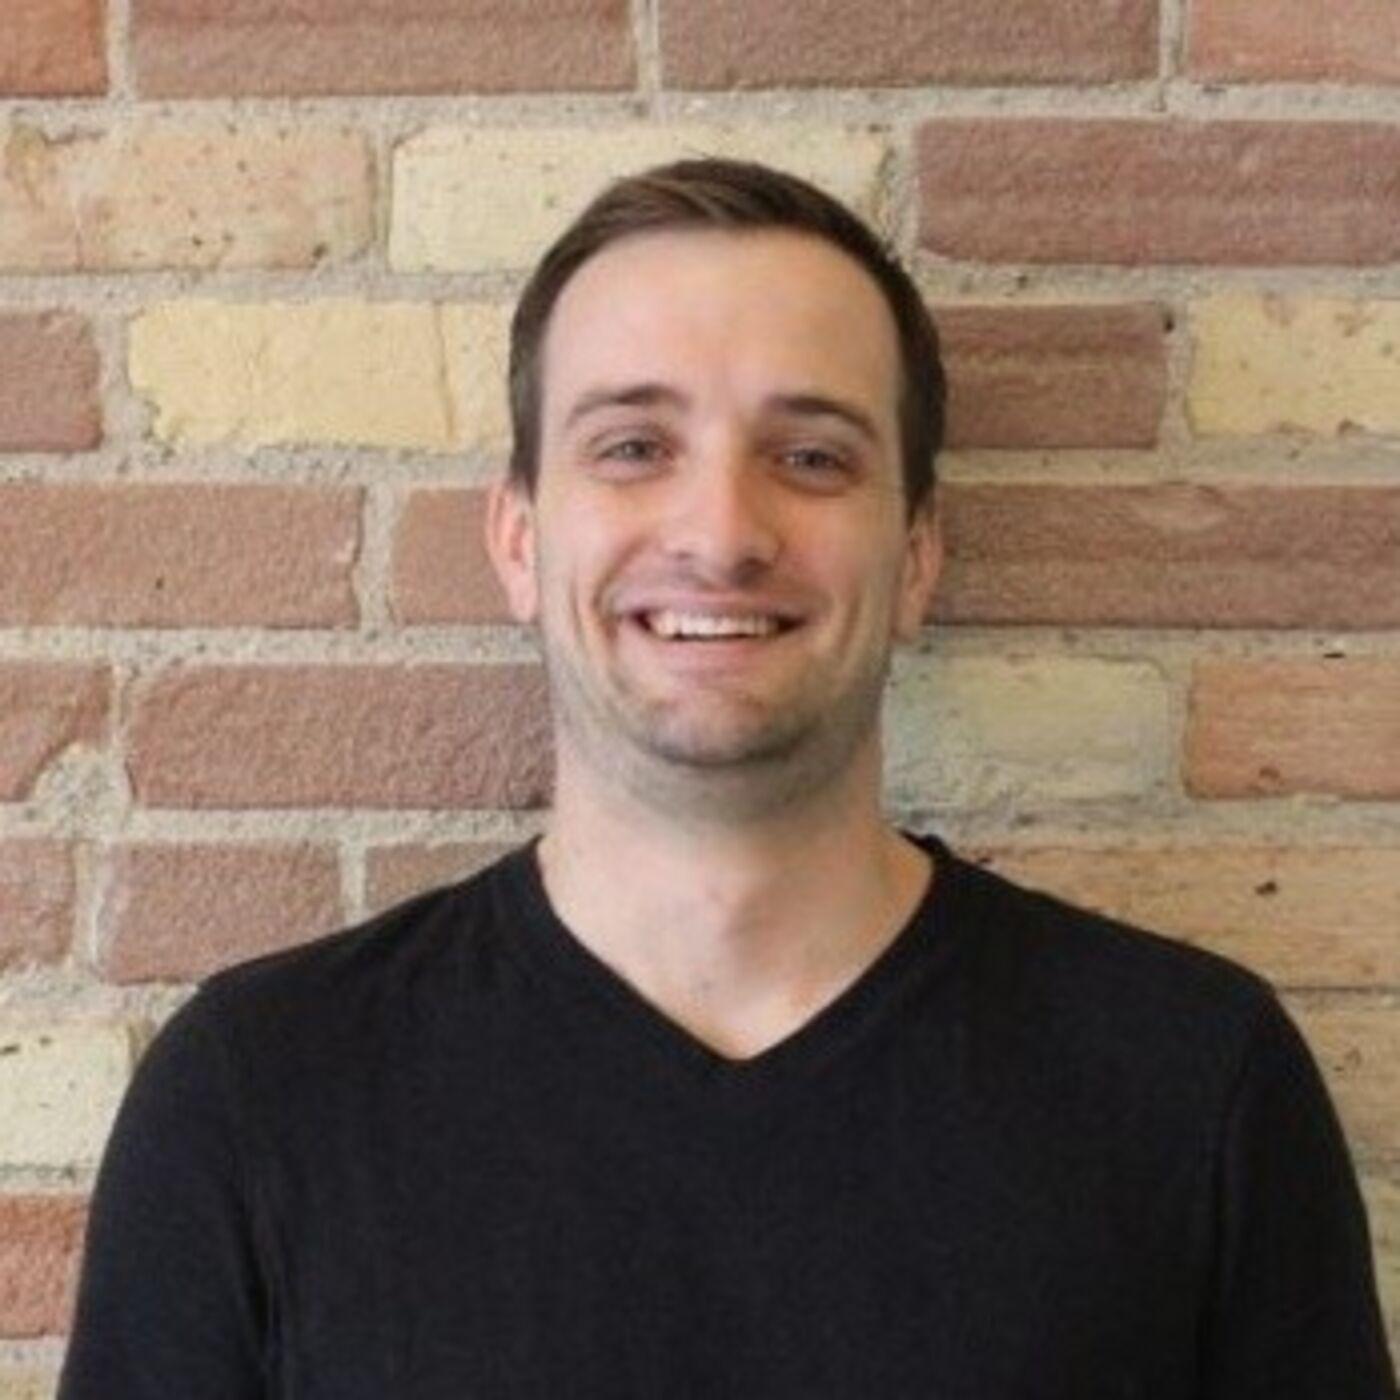 Episode #6 - Ryan M. from Toronto